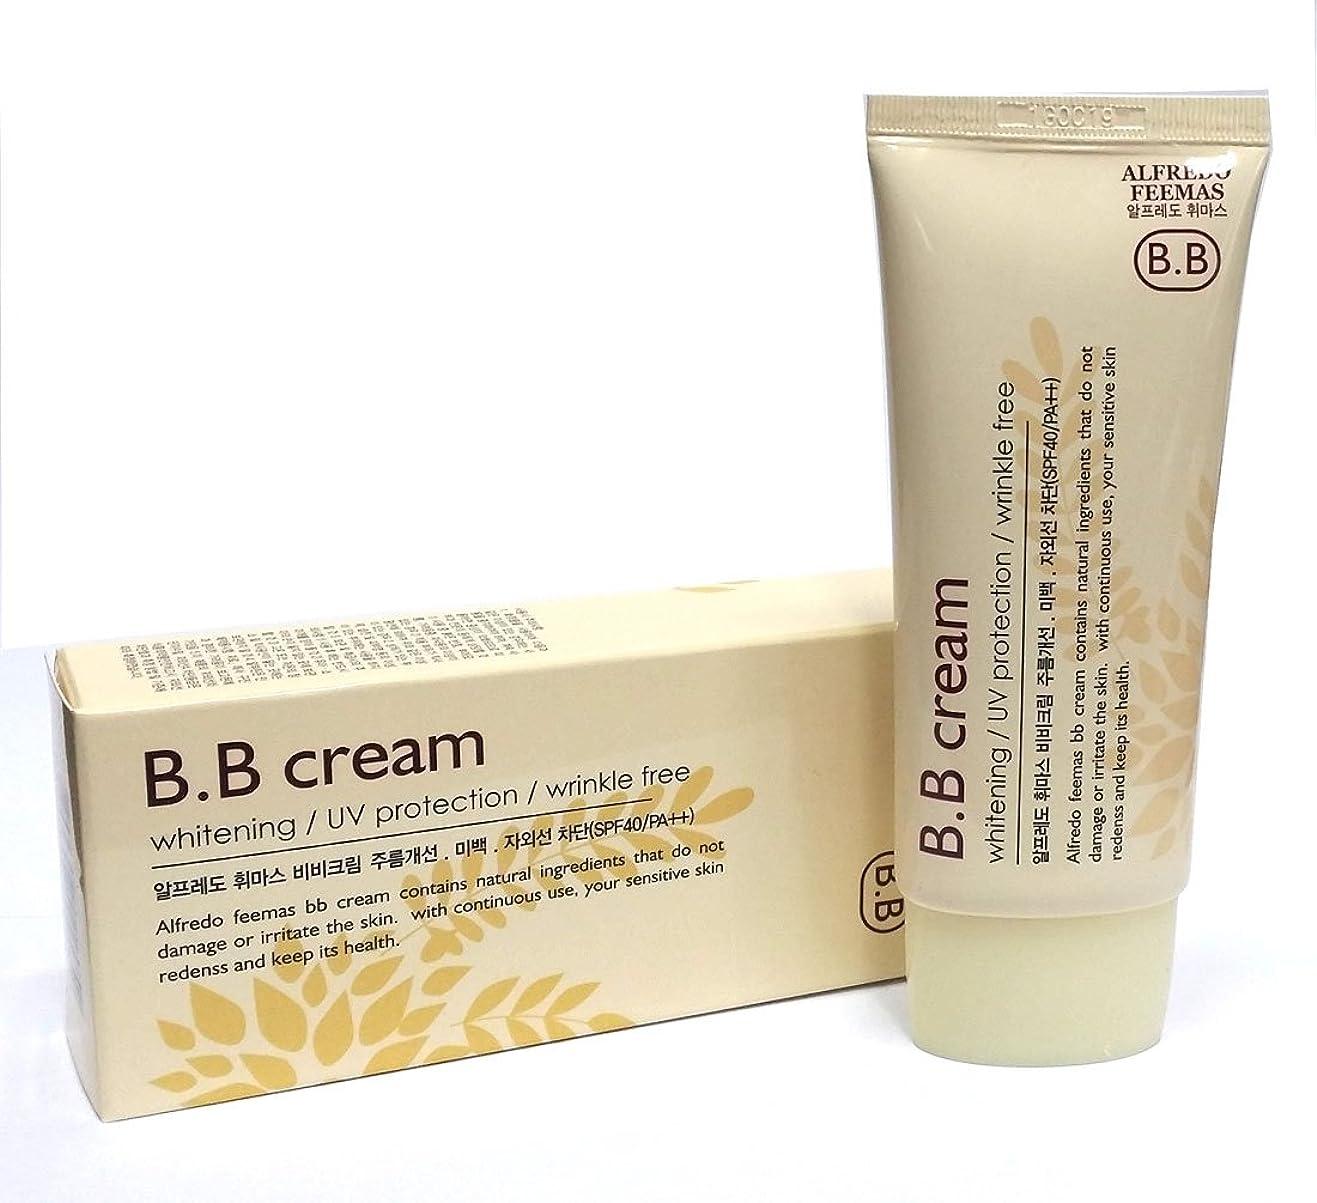 合計発掘裁判官アルフレッドフェイマスBBクリーム50ml X 3ea / Alfredo feemas BB cream 50ml X 3ea / ホワイトニング、しわ、UVプロテクション(SPF40 PA ++)/ Whitening,Wrinkle free,UV protection (SPF40 PA++) / 韓国化粧品 / Korean Cosmetics [並行輸入品]